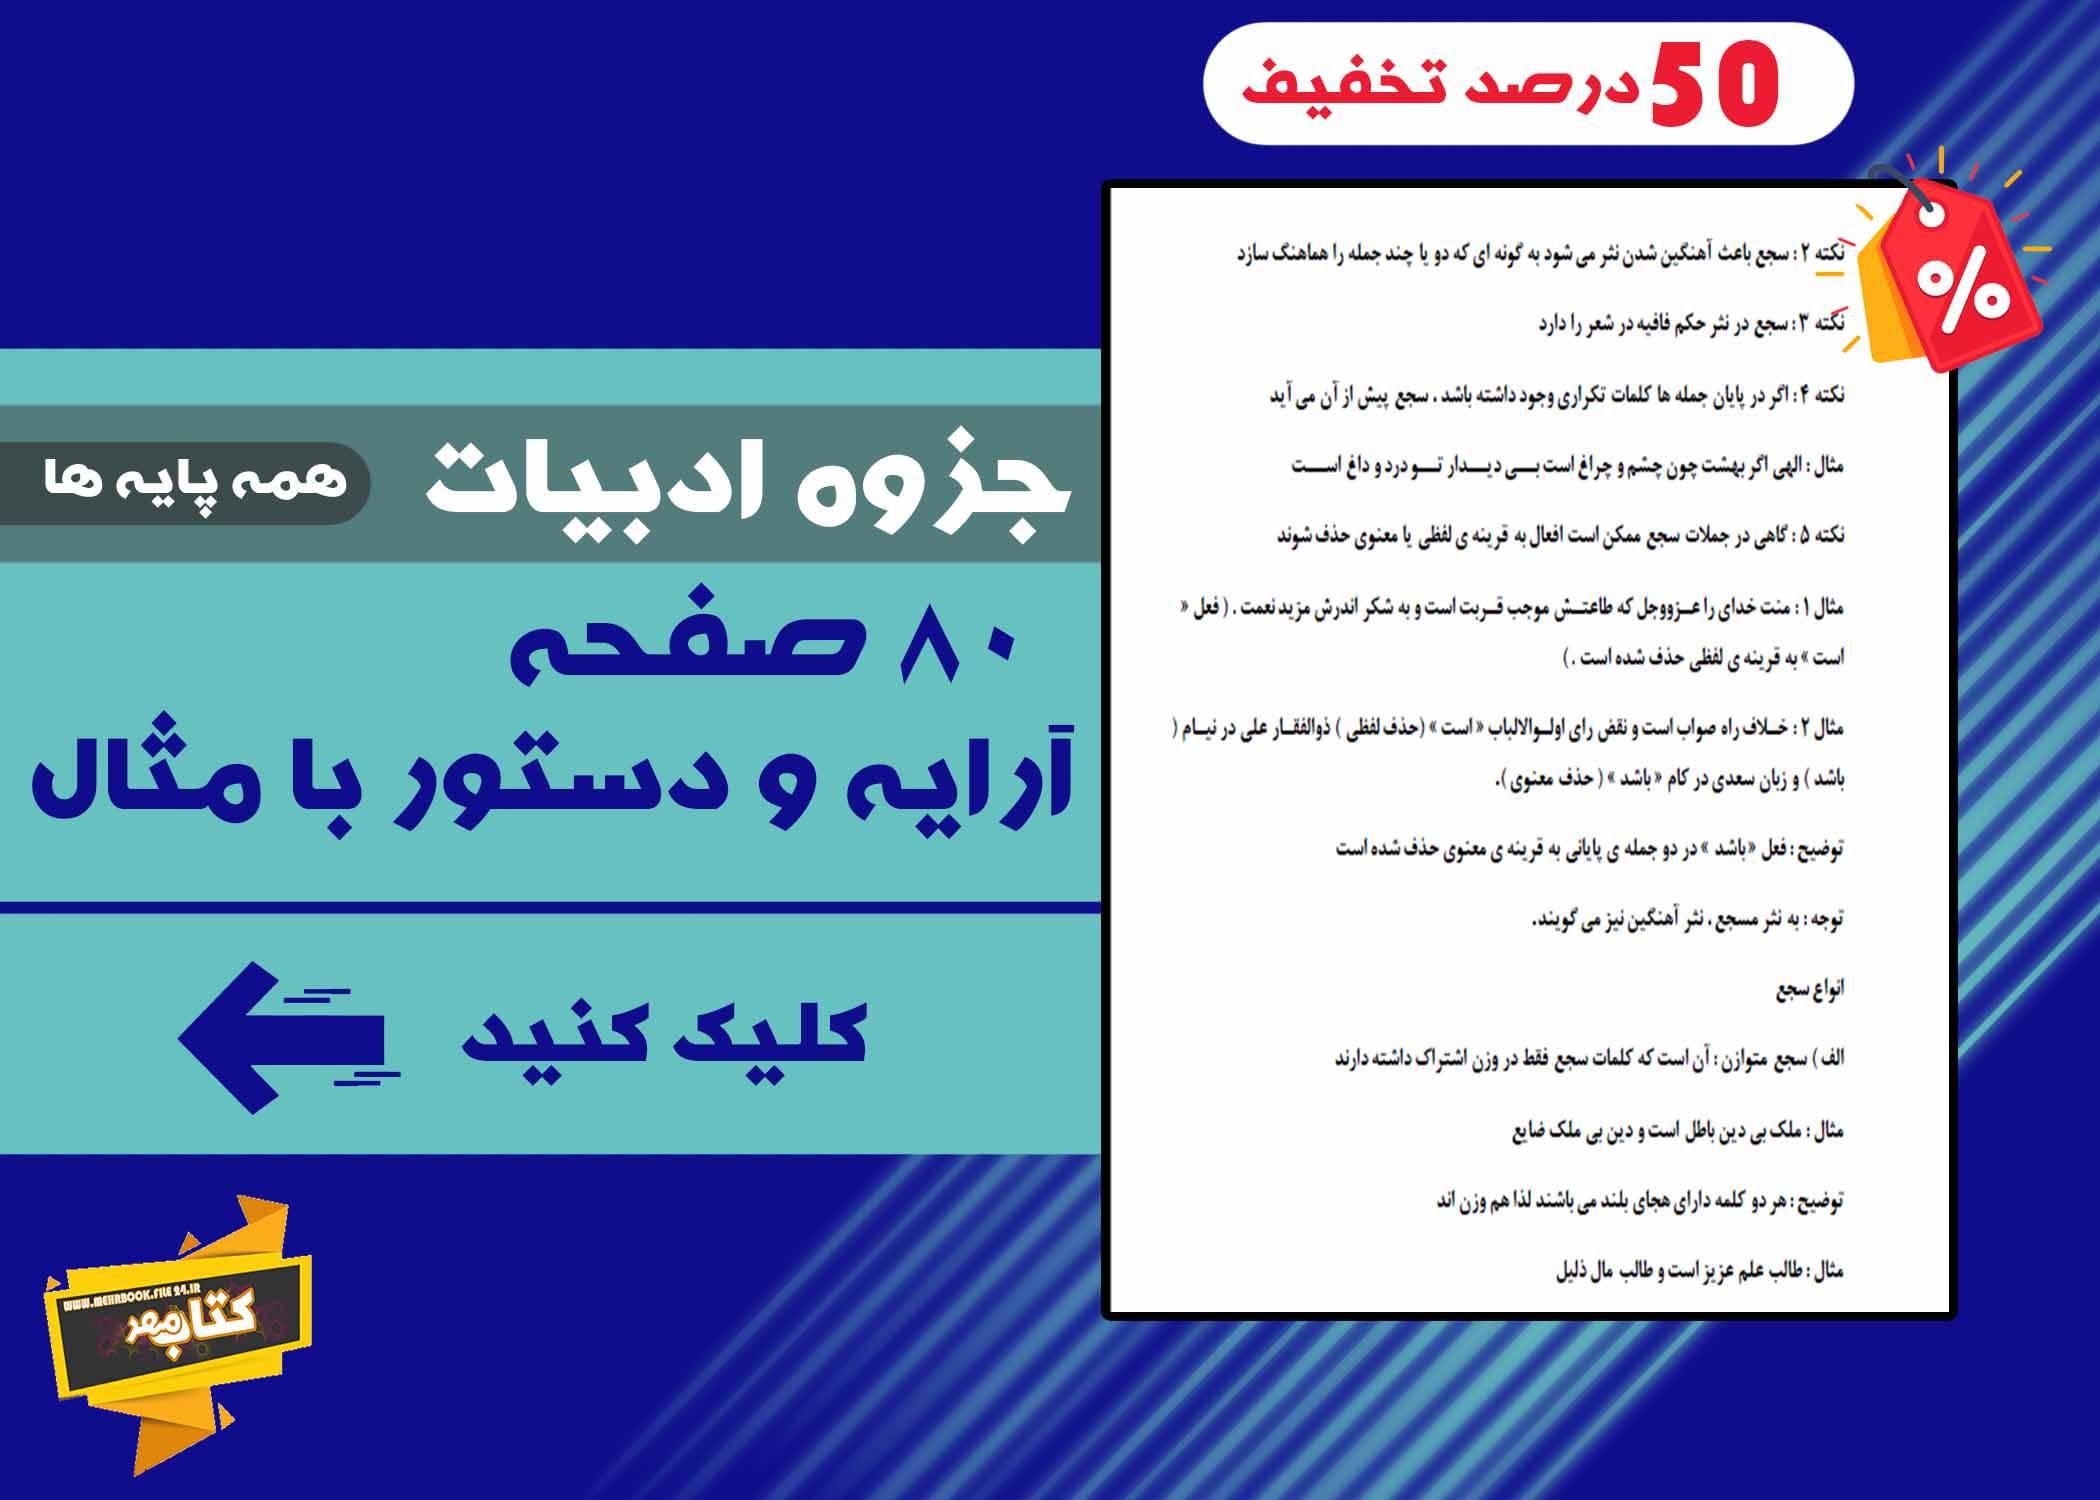 جزوه ادبیات فارسی مخصوص پایه های هفتم تا دوازدهم